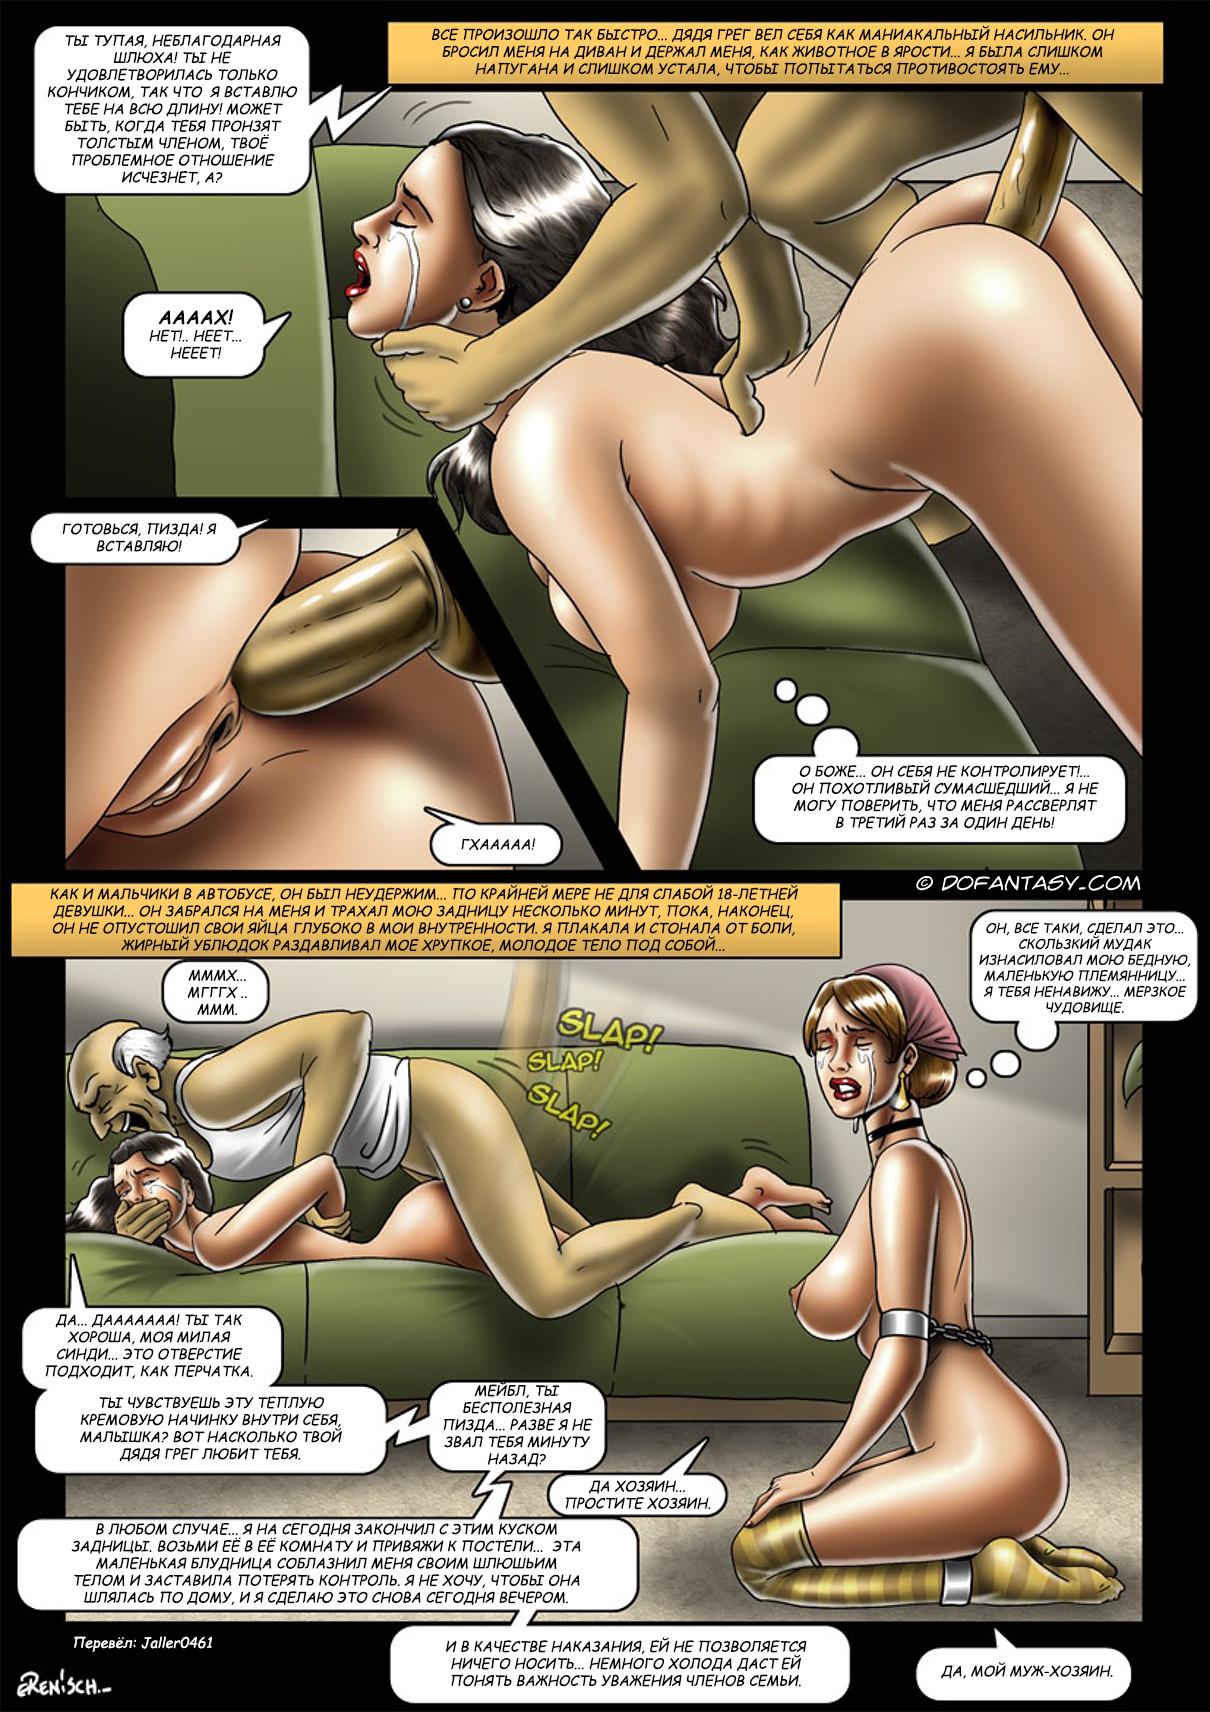 Мобильное порно читать